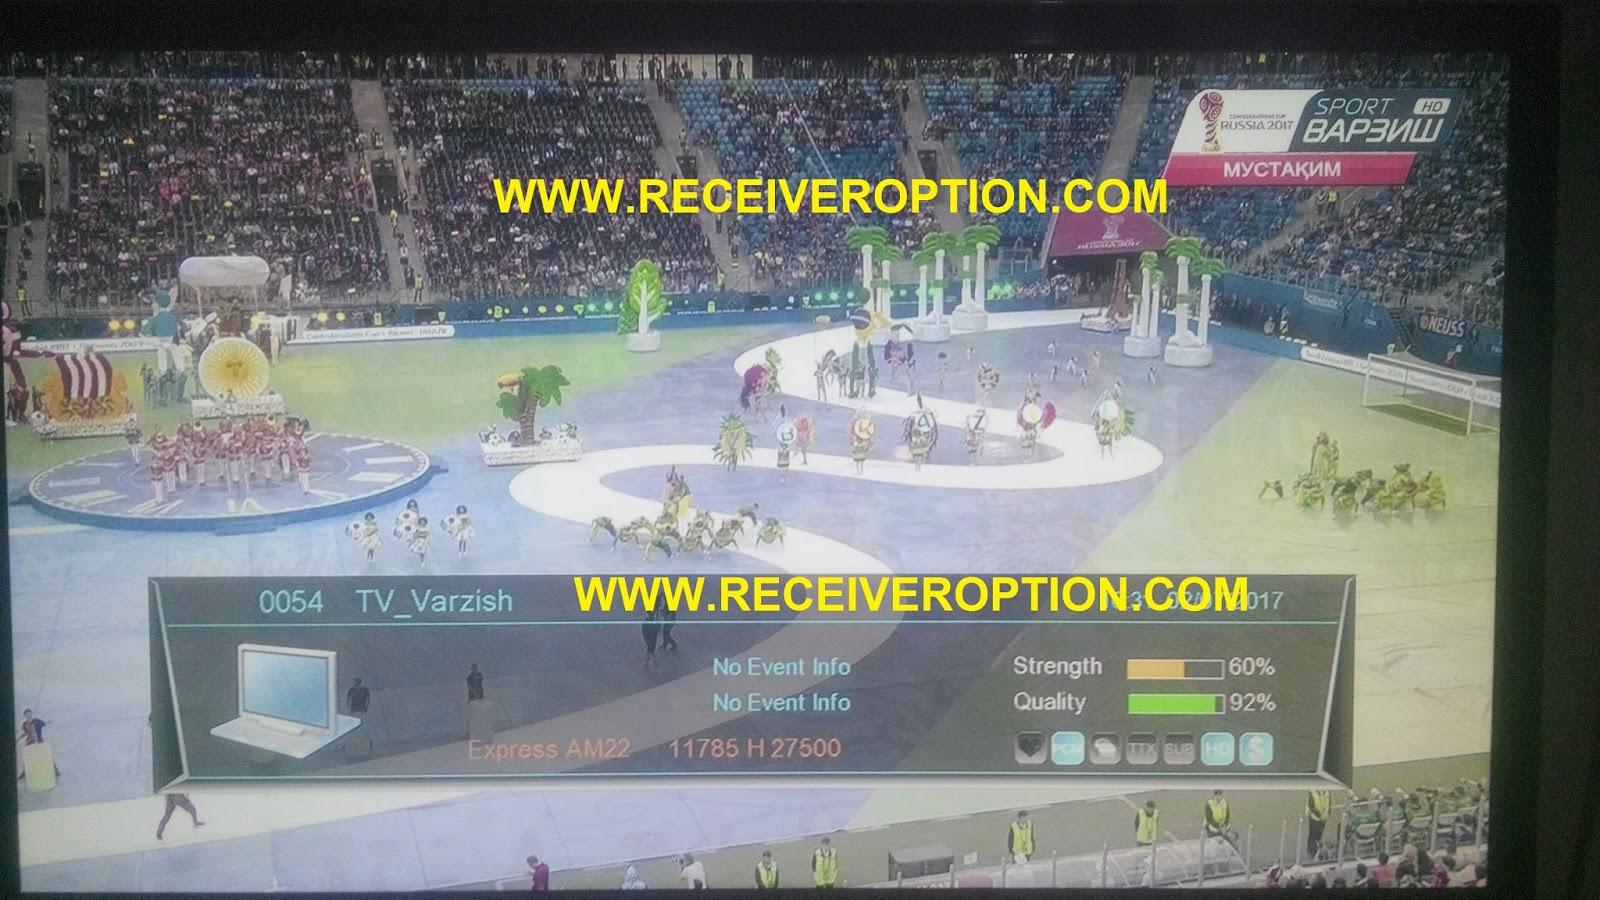 ECHOLINK I 5000 HD RECEIVER BISS KEY OPTION - HOW TO ENTER